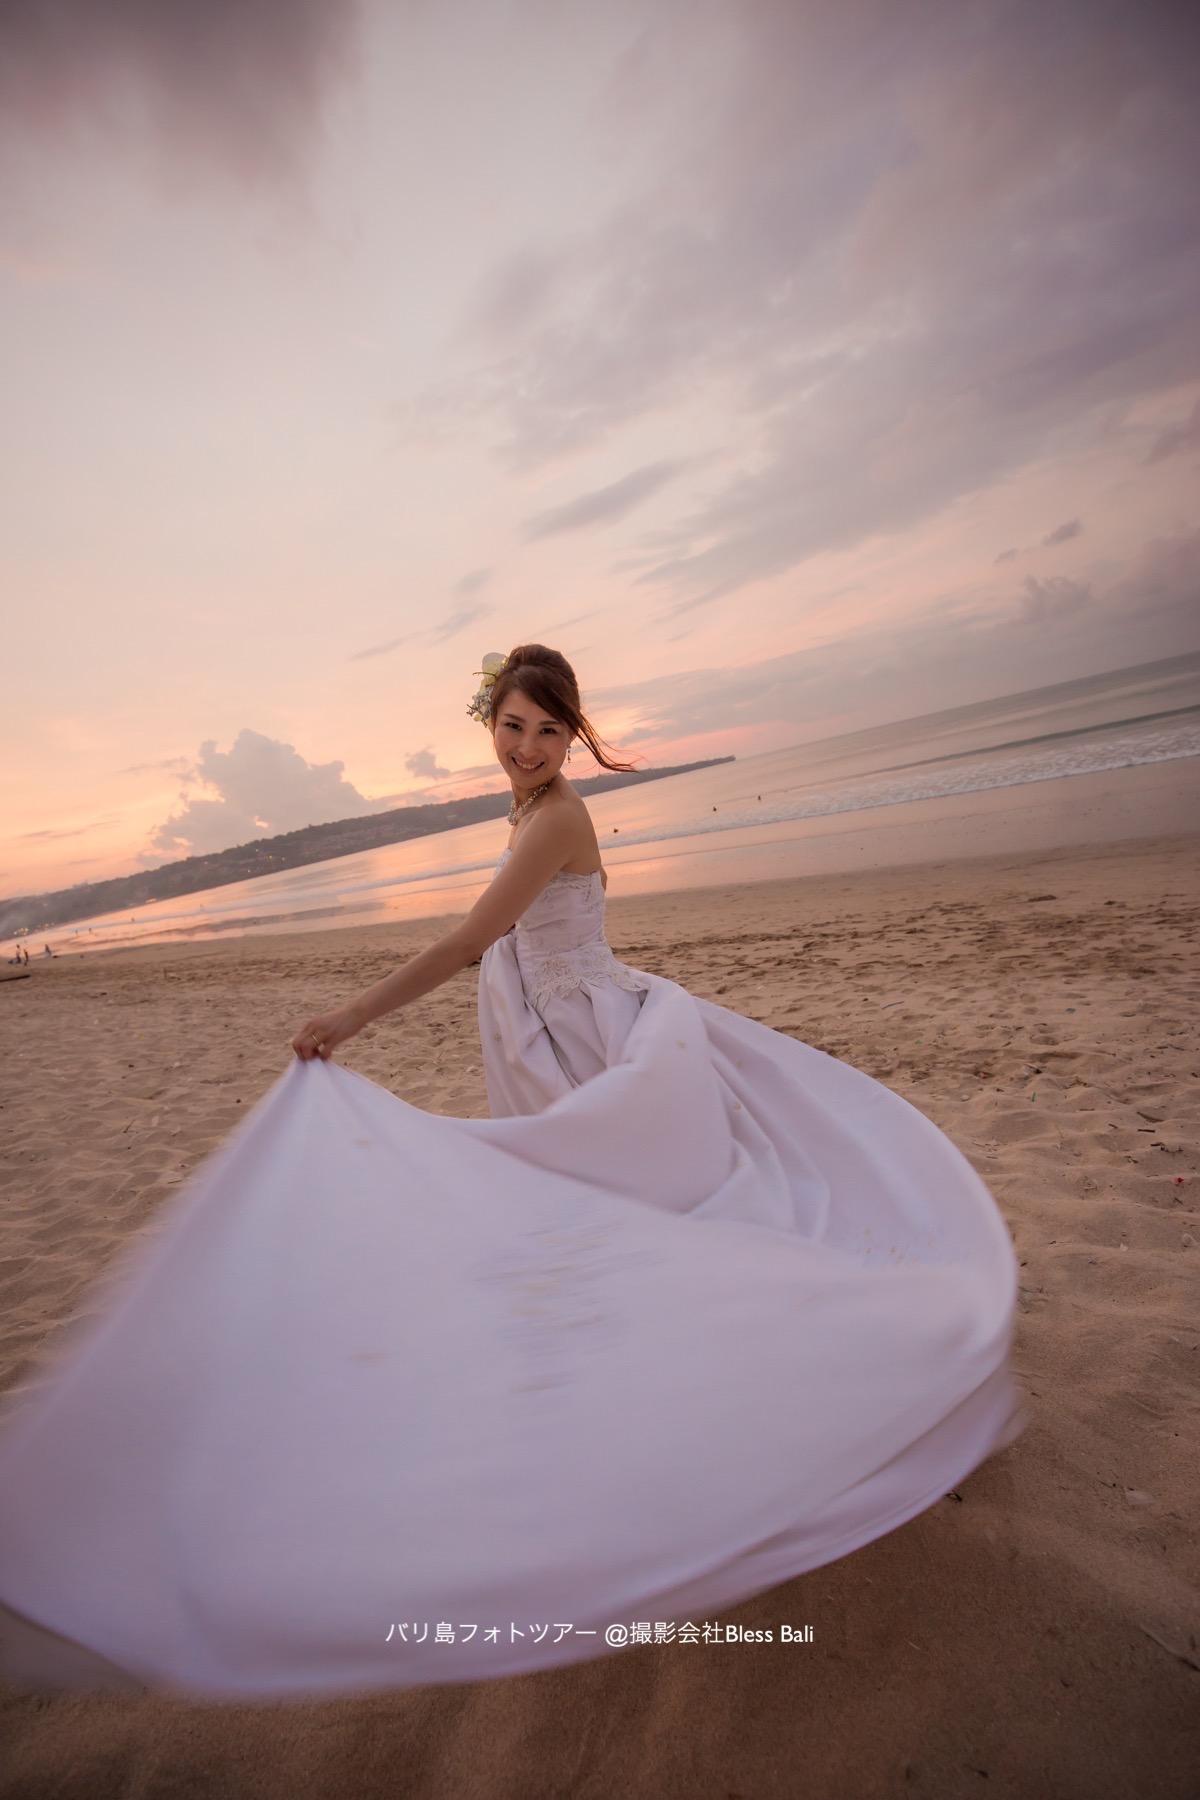 サンセットビーチで踊る花嫁さま